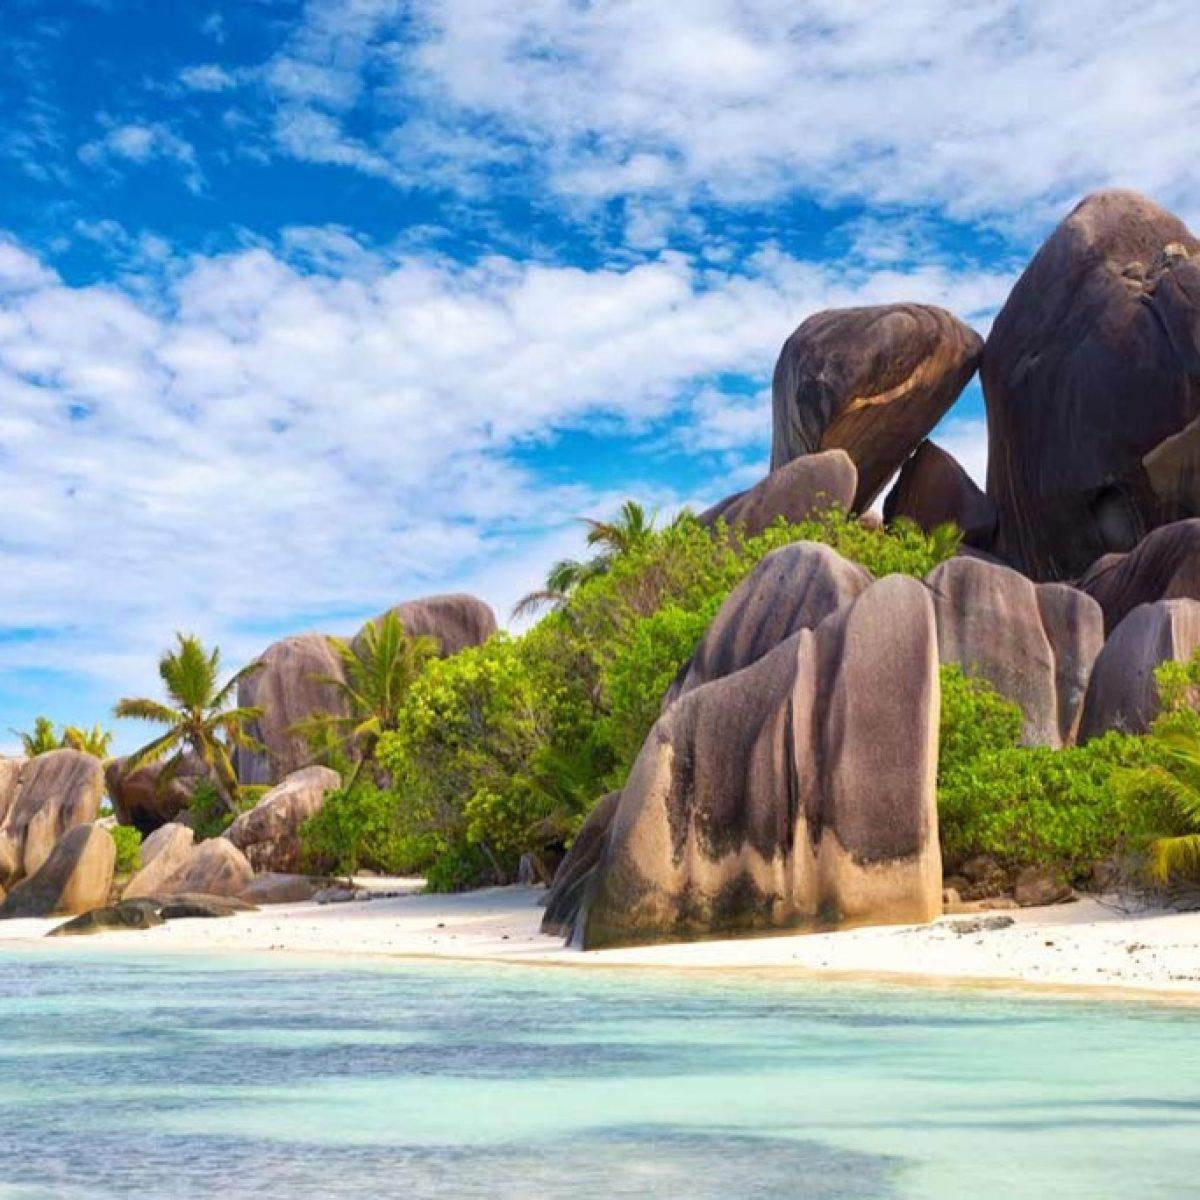 anse-source-d-argent-la-digue-seychelles-123rf